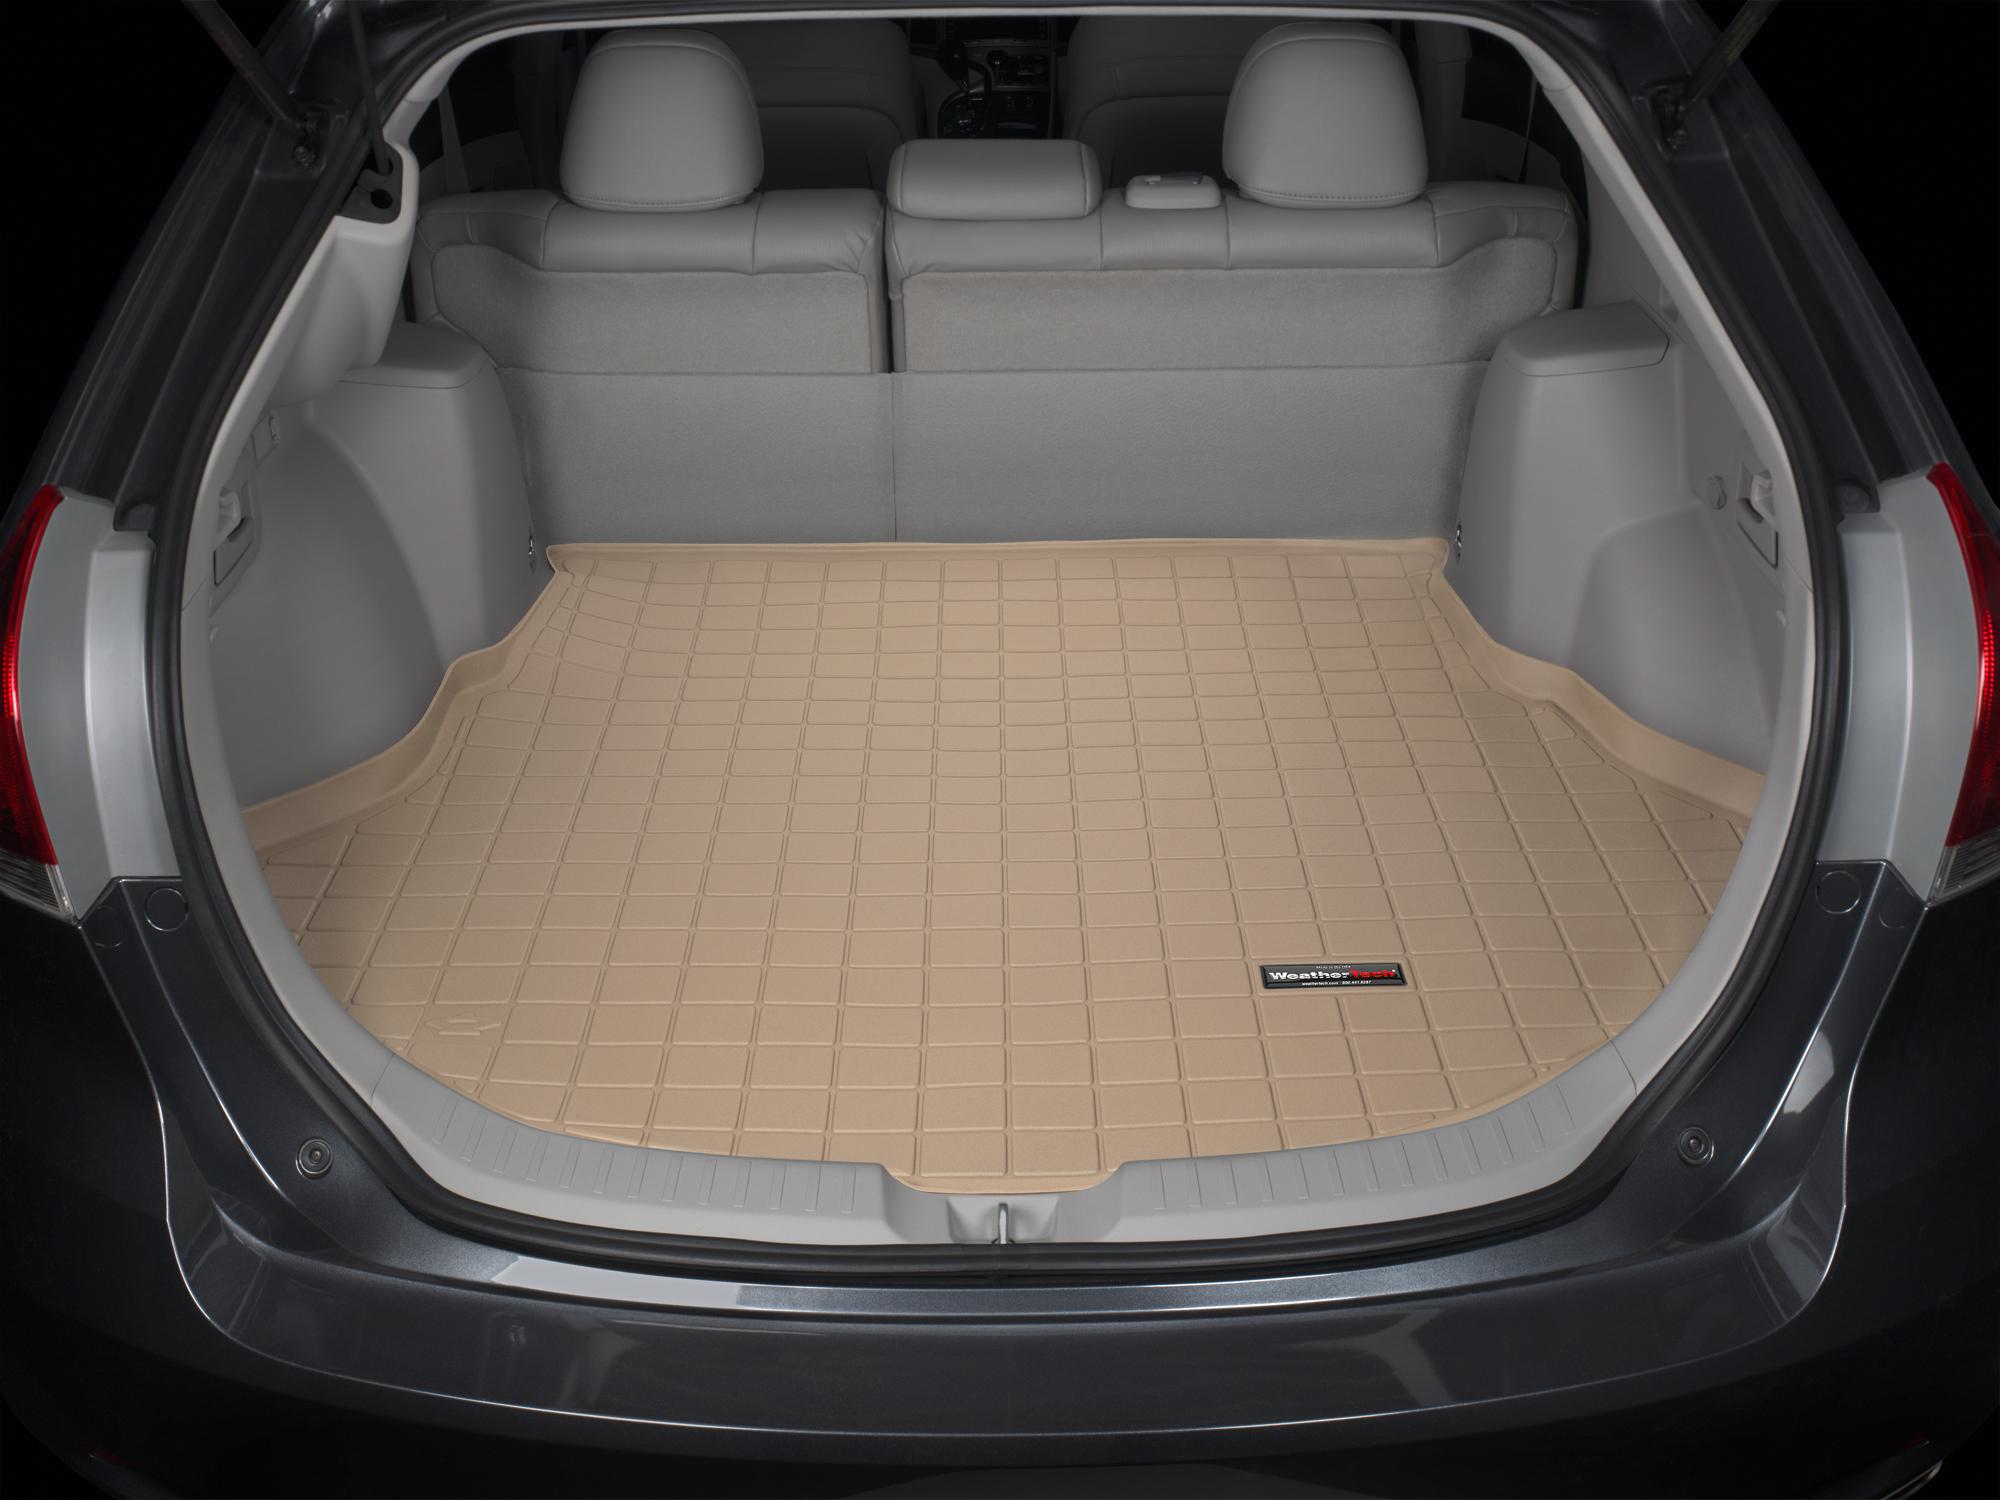 Toyota Venza 2009>2015 Vasca baule tappeto bagagliaio marrone *1308